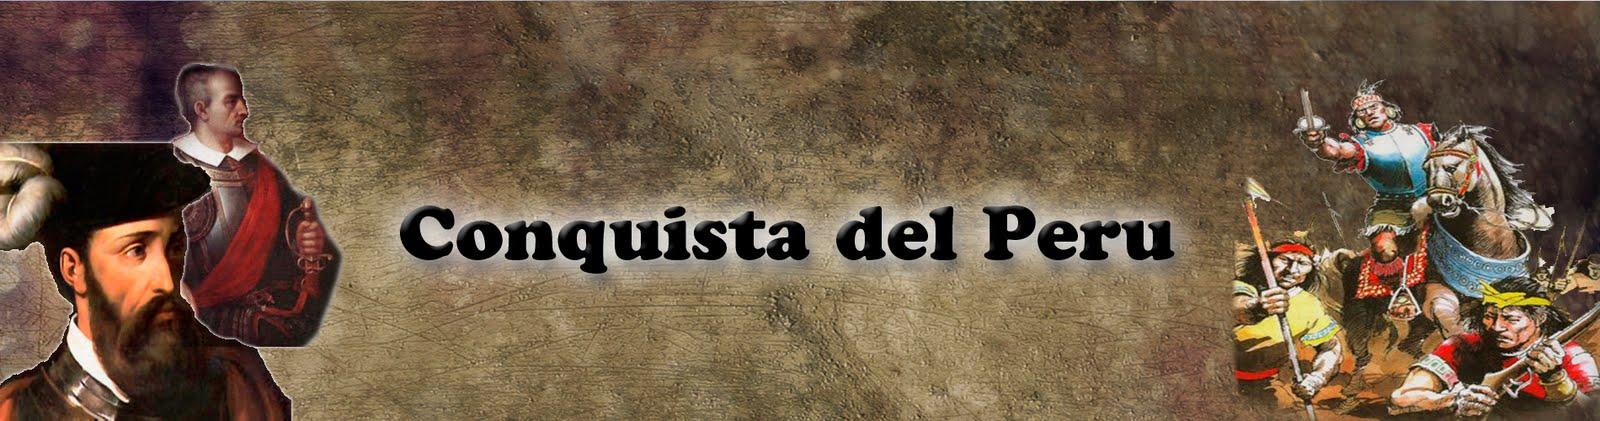 Conquista del Peru